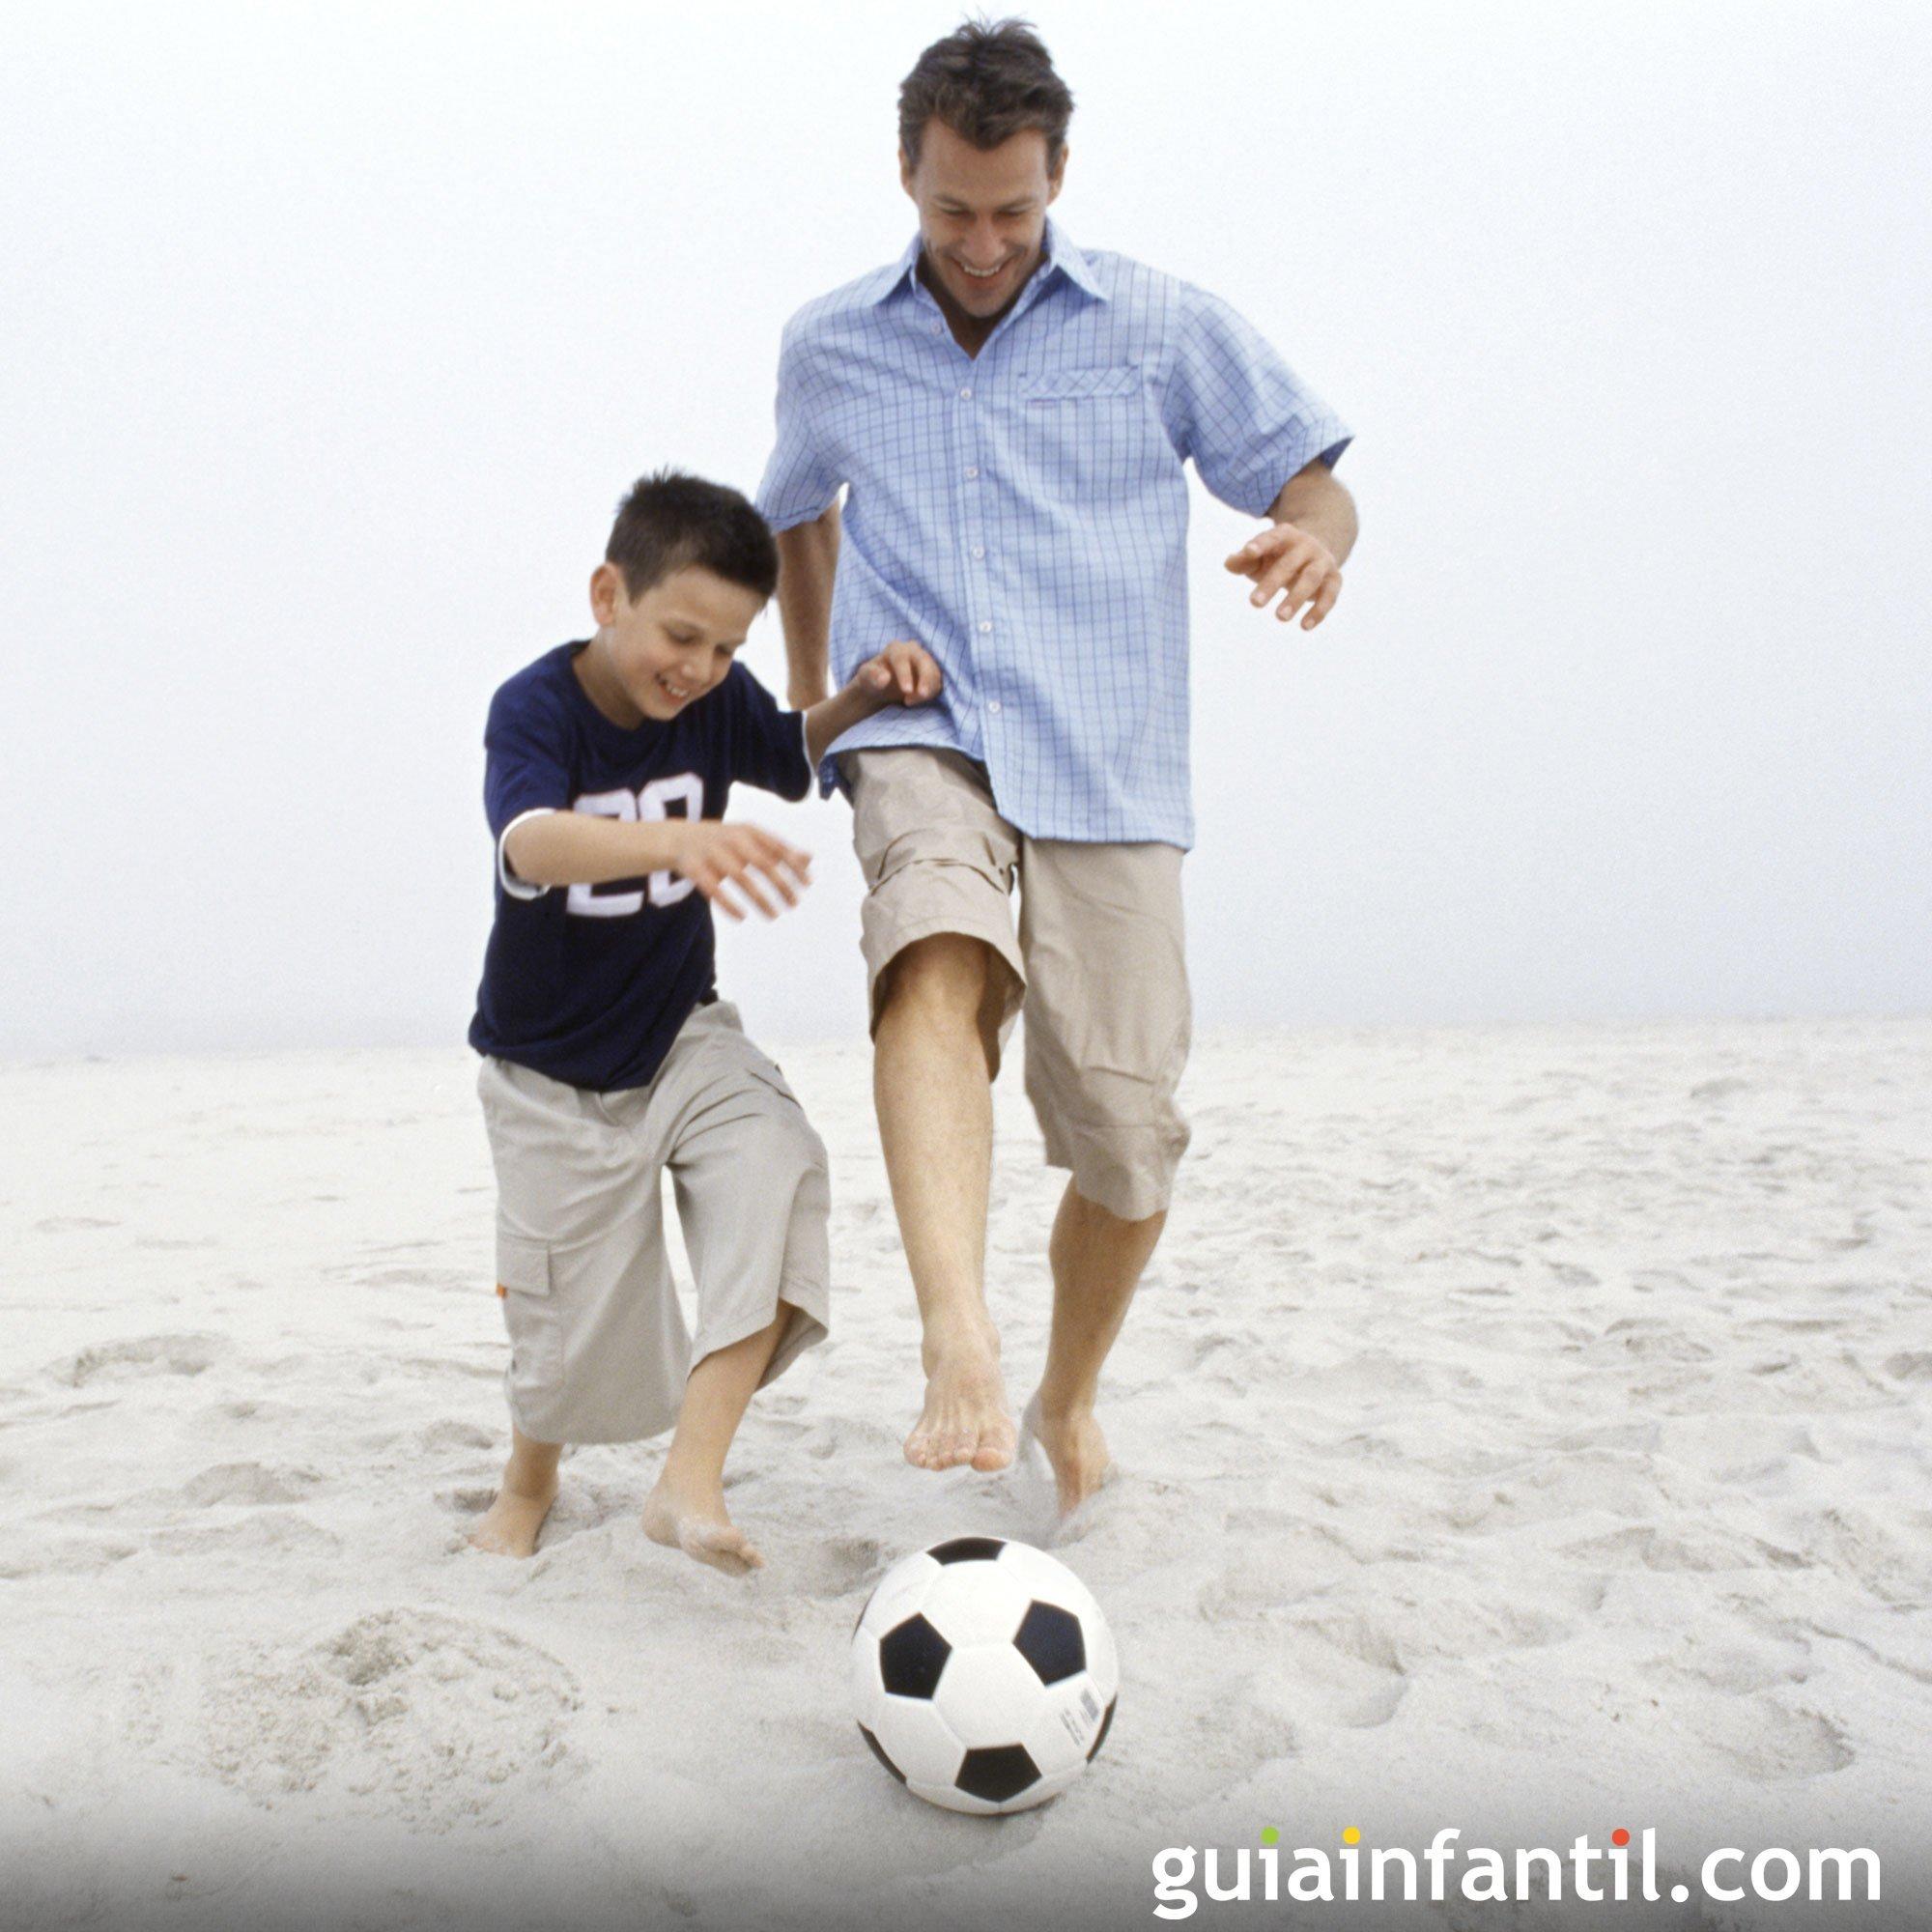 Un partido con papá. Fotos deportivas en familia